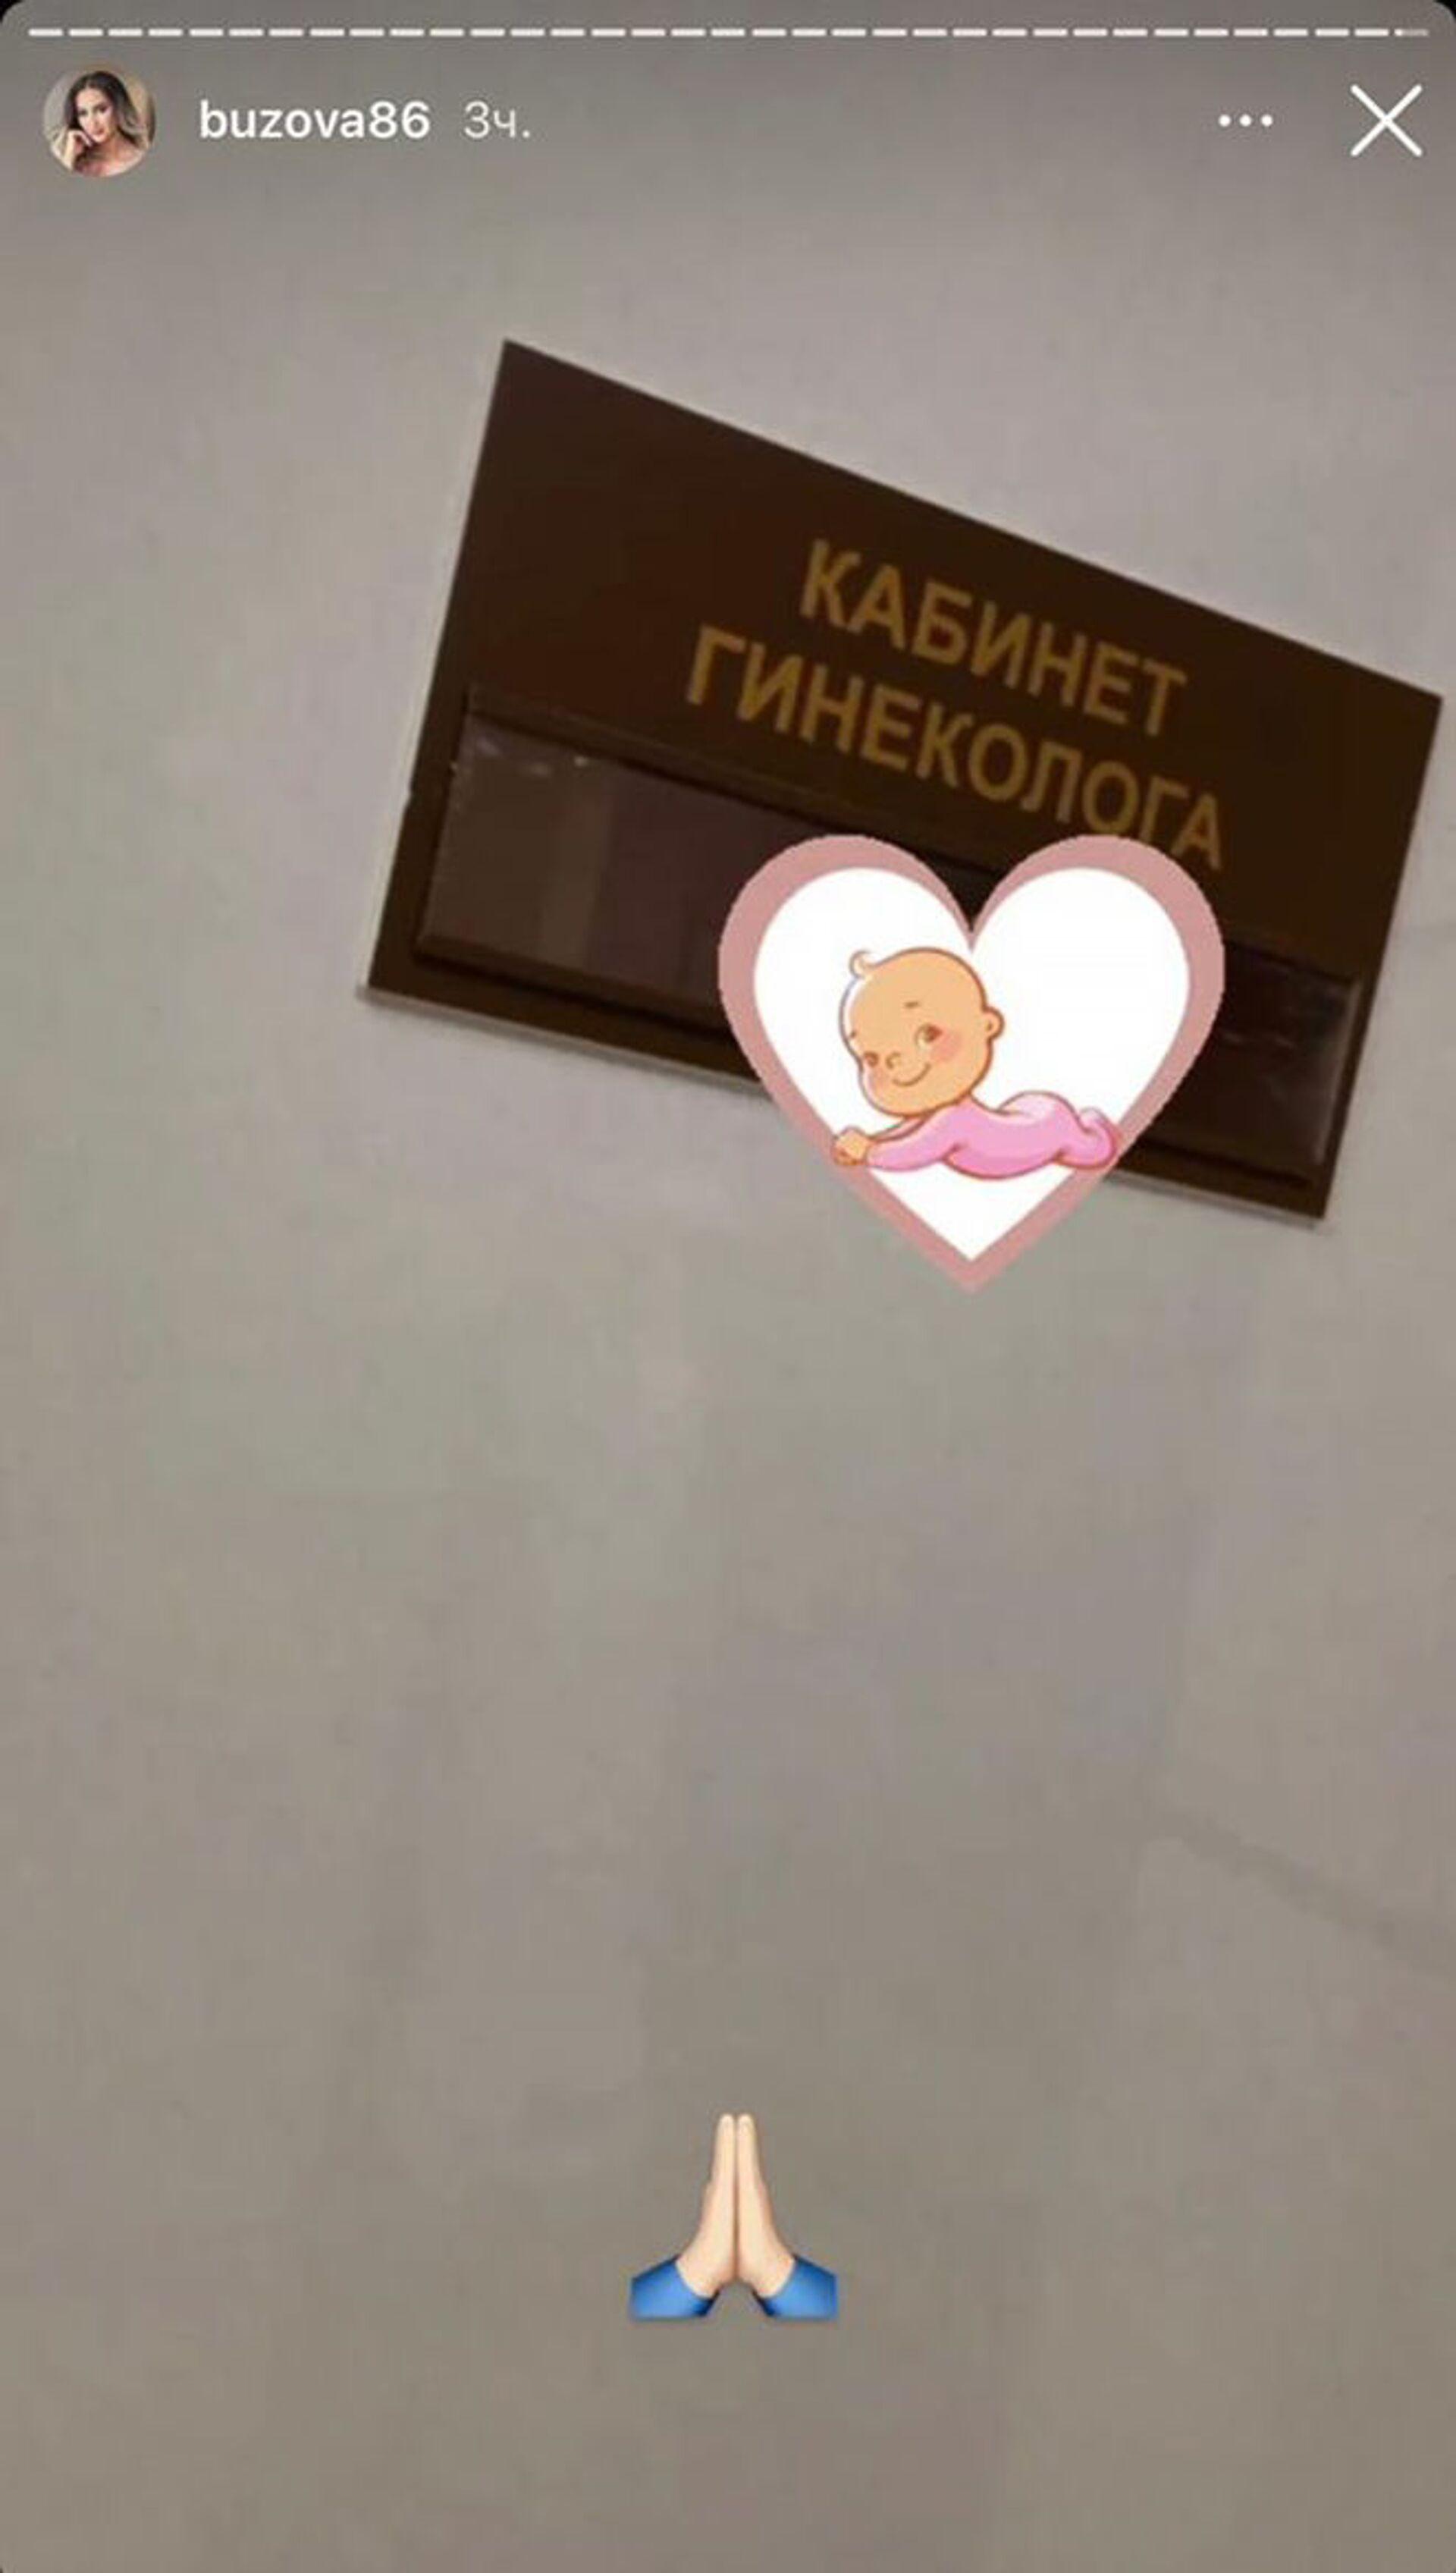 «Սա կա՛մ Դավայի ծննդյան օրվա նվերն է, կա՛մ ծնունդը փչացնելու միջոց». Օլգա Բուզովան հղի՞ է - Sputnik Արմենիա, 1920, 17.03.2021